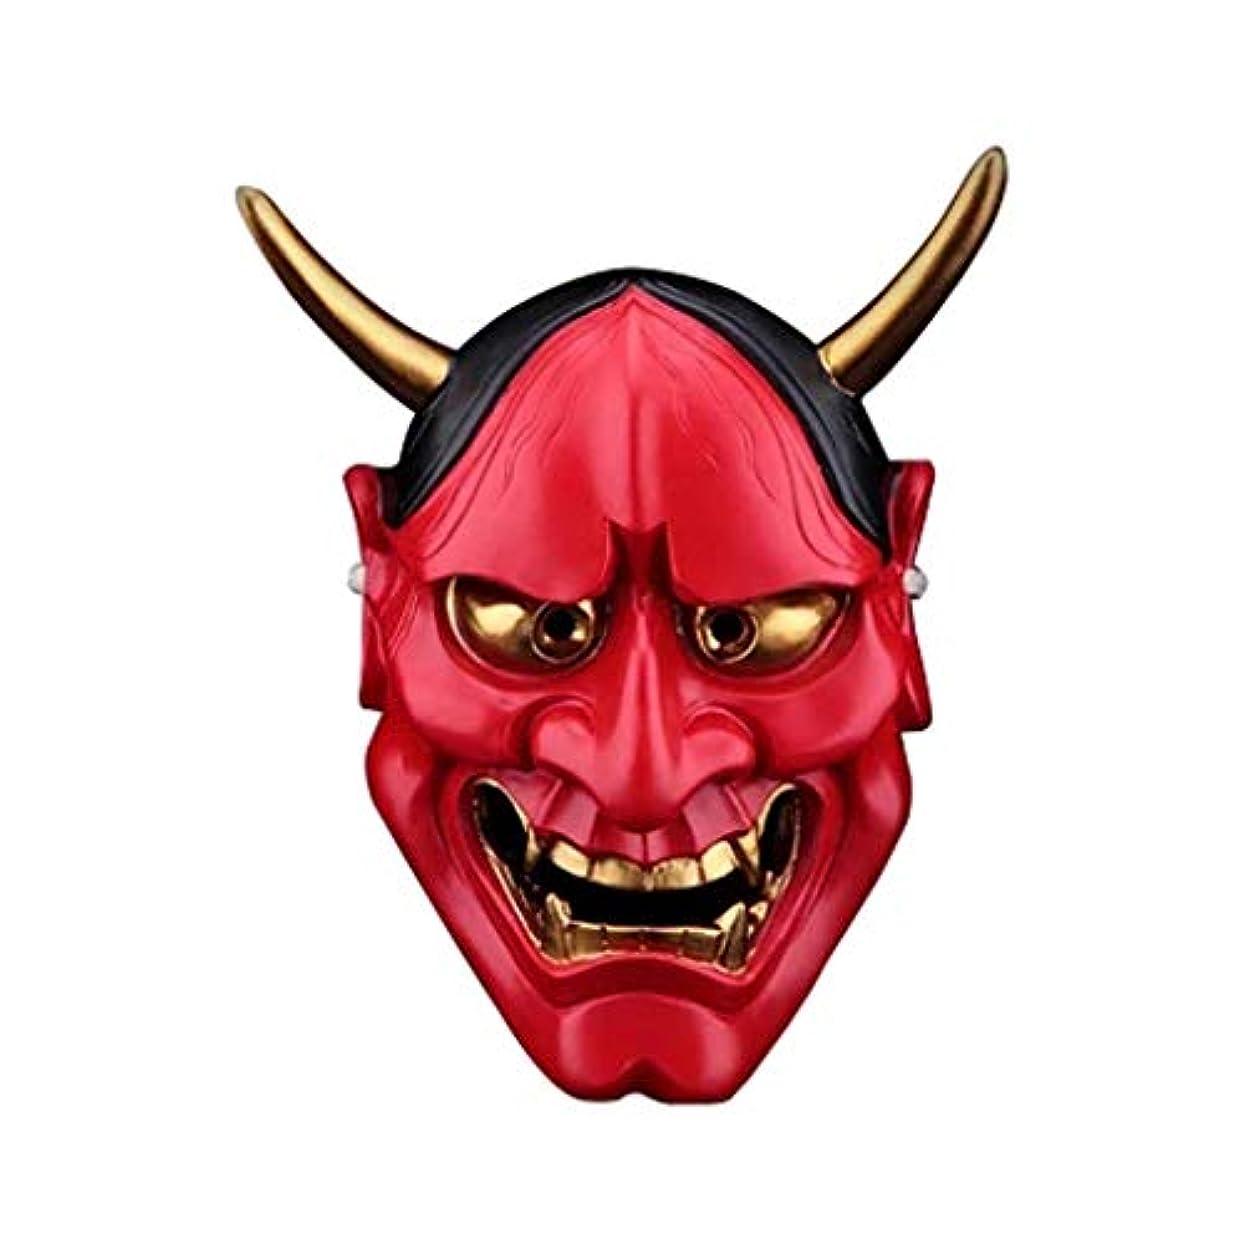 恐怖ストラップボードハロウィンホラーマスク、成人用樹脂マスクデコレーション (Color : WHITE)